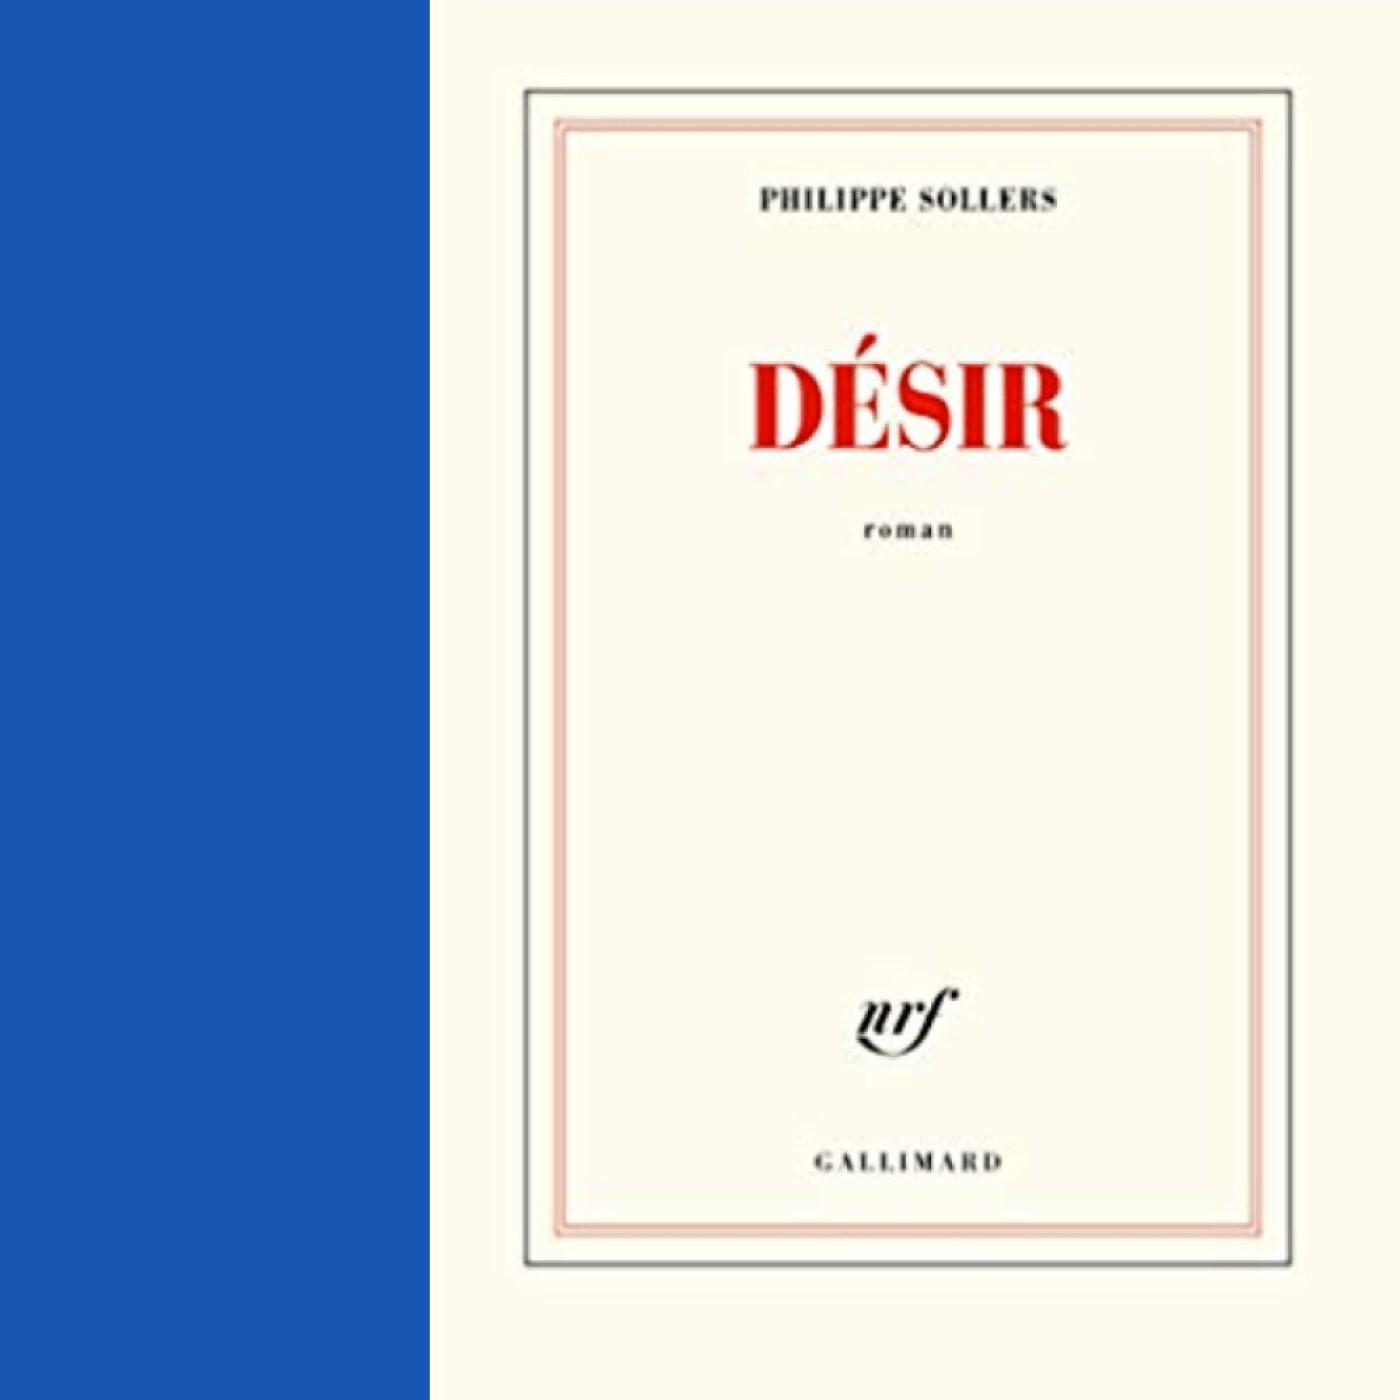 Désir (extrait du livre de Philippe Sollers)